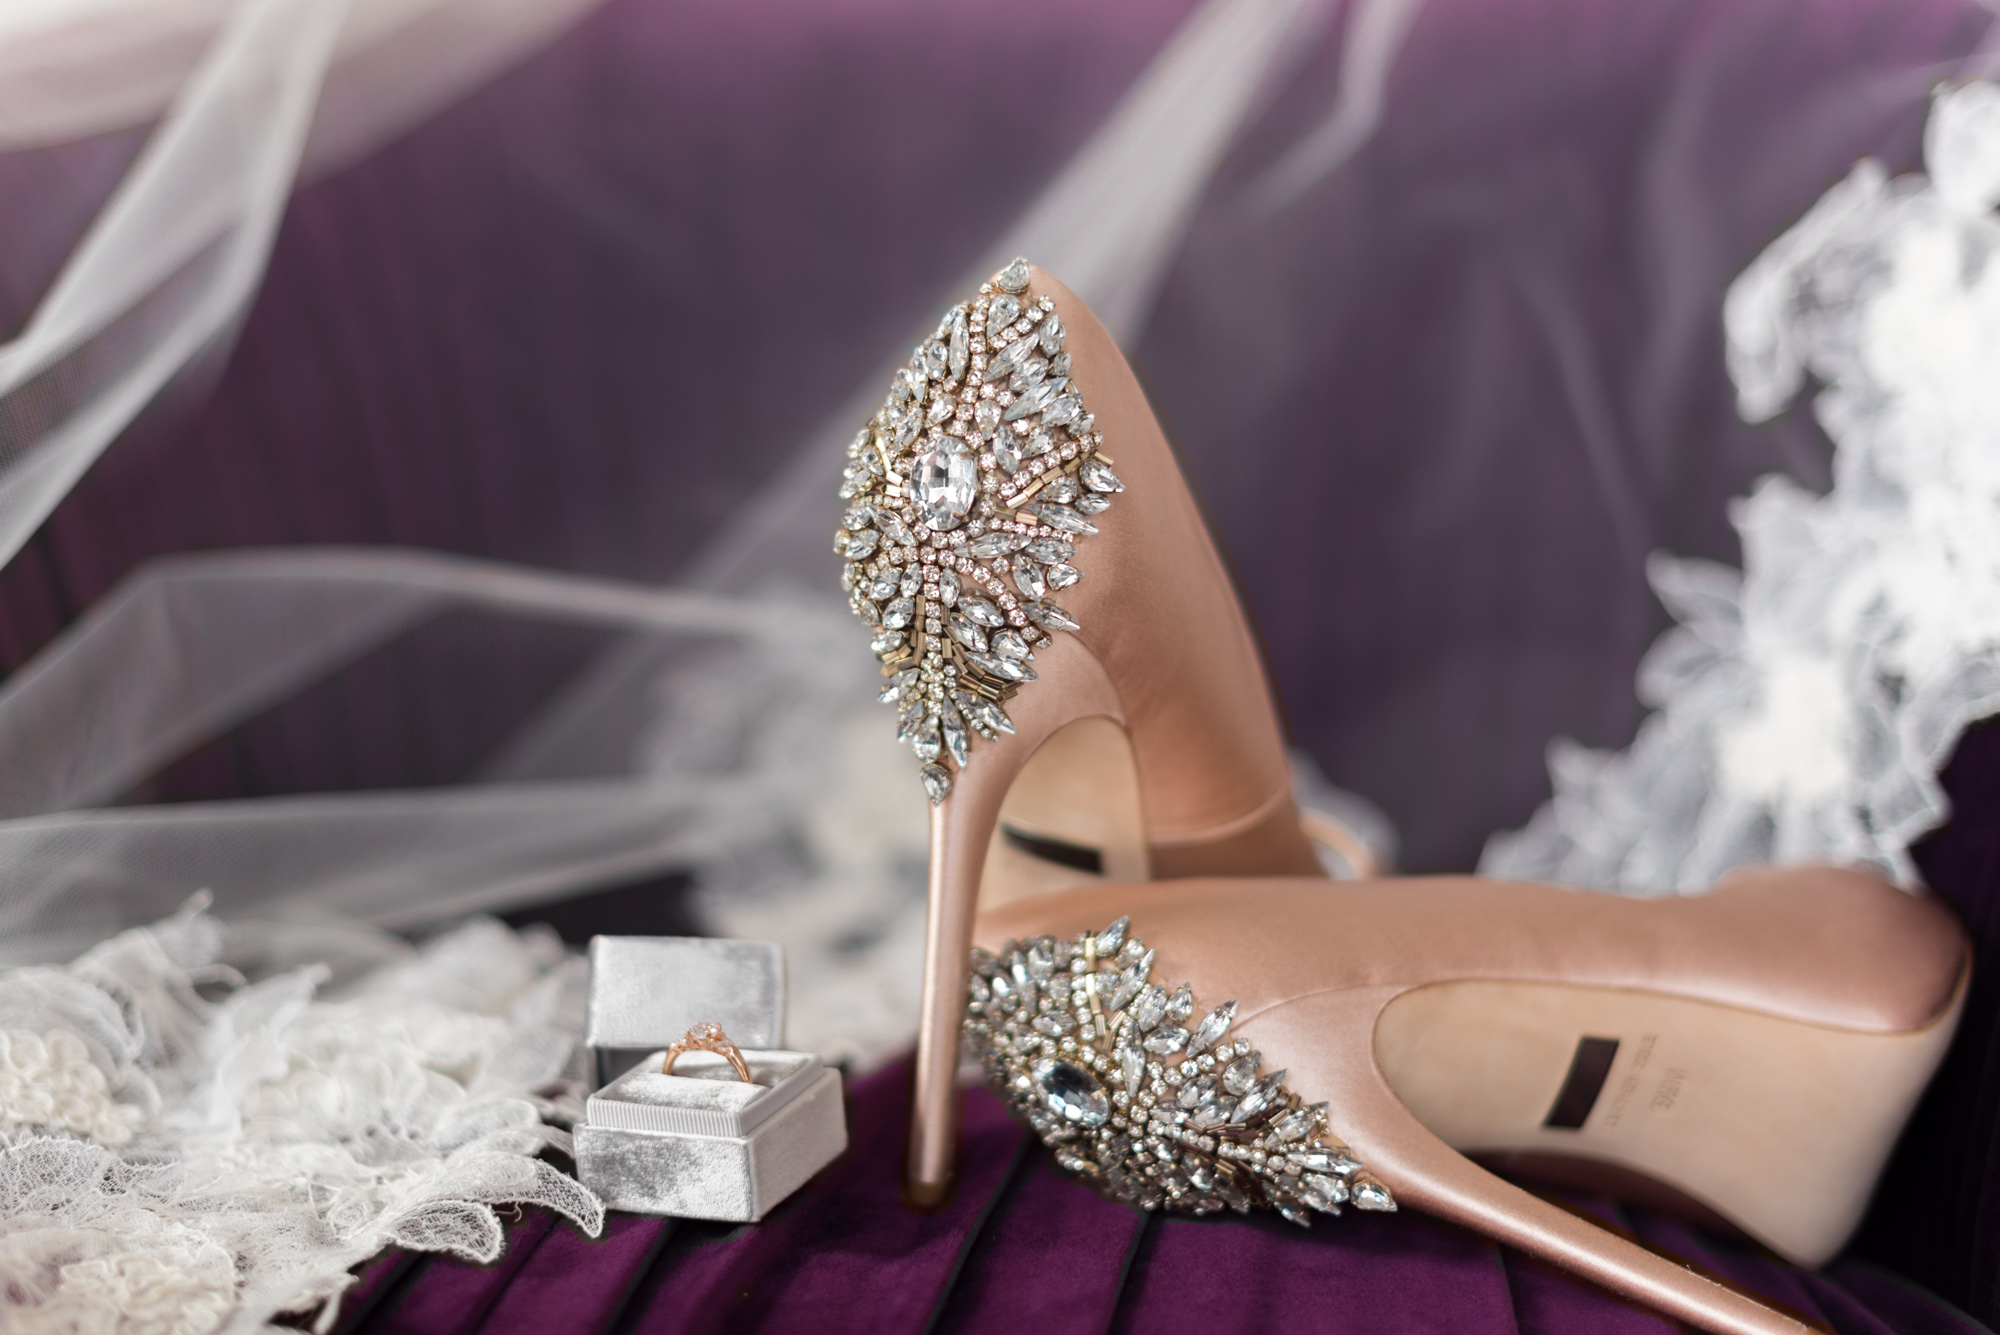 Jewel Tone Wedding Badgley Mischka Heels.jpg